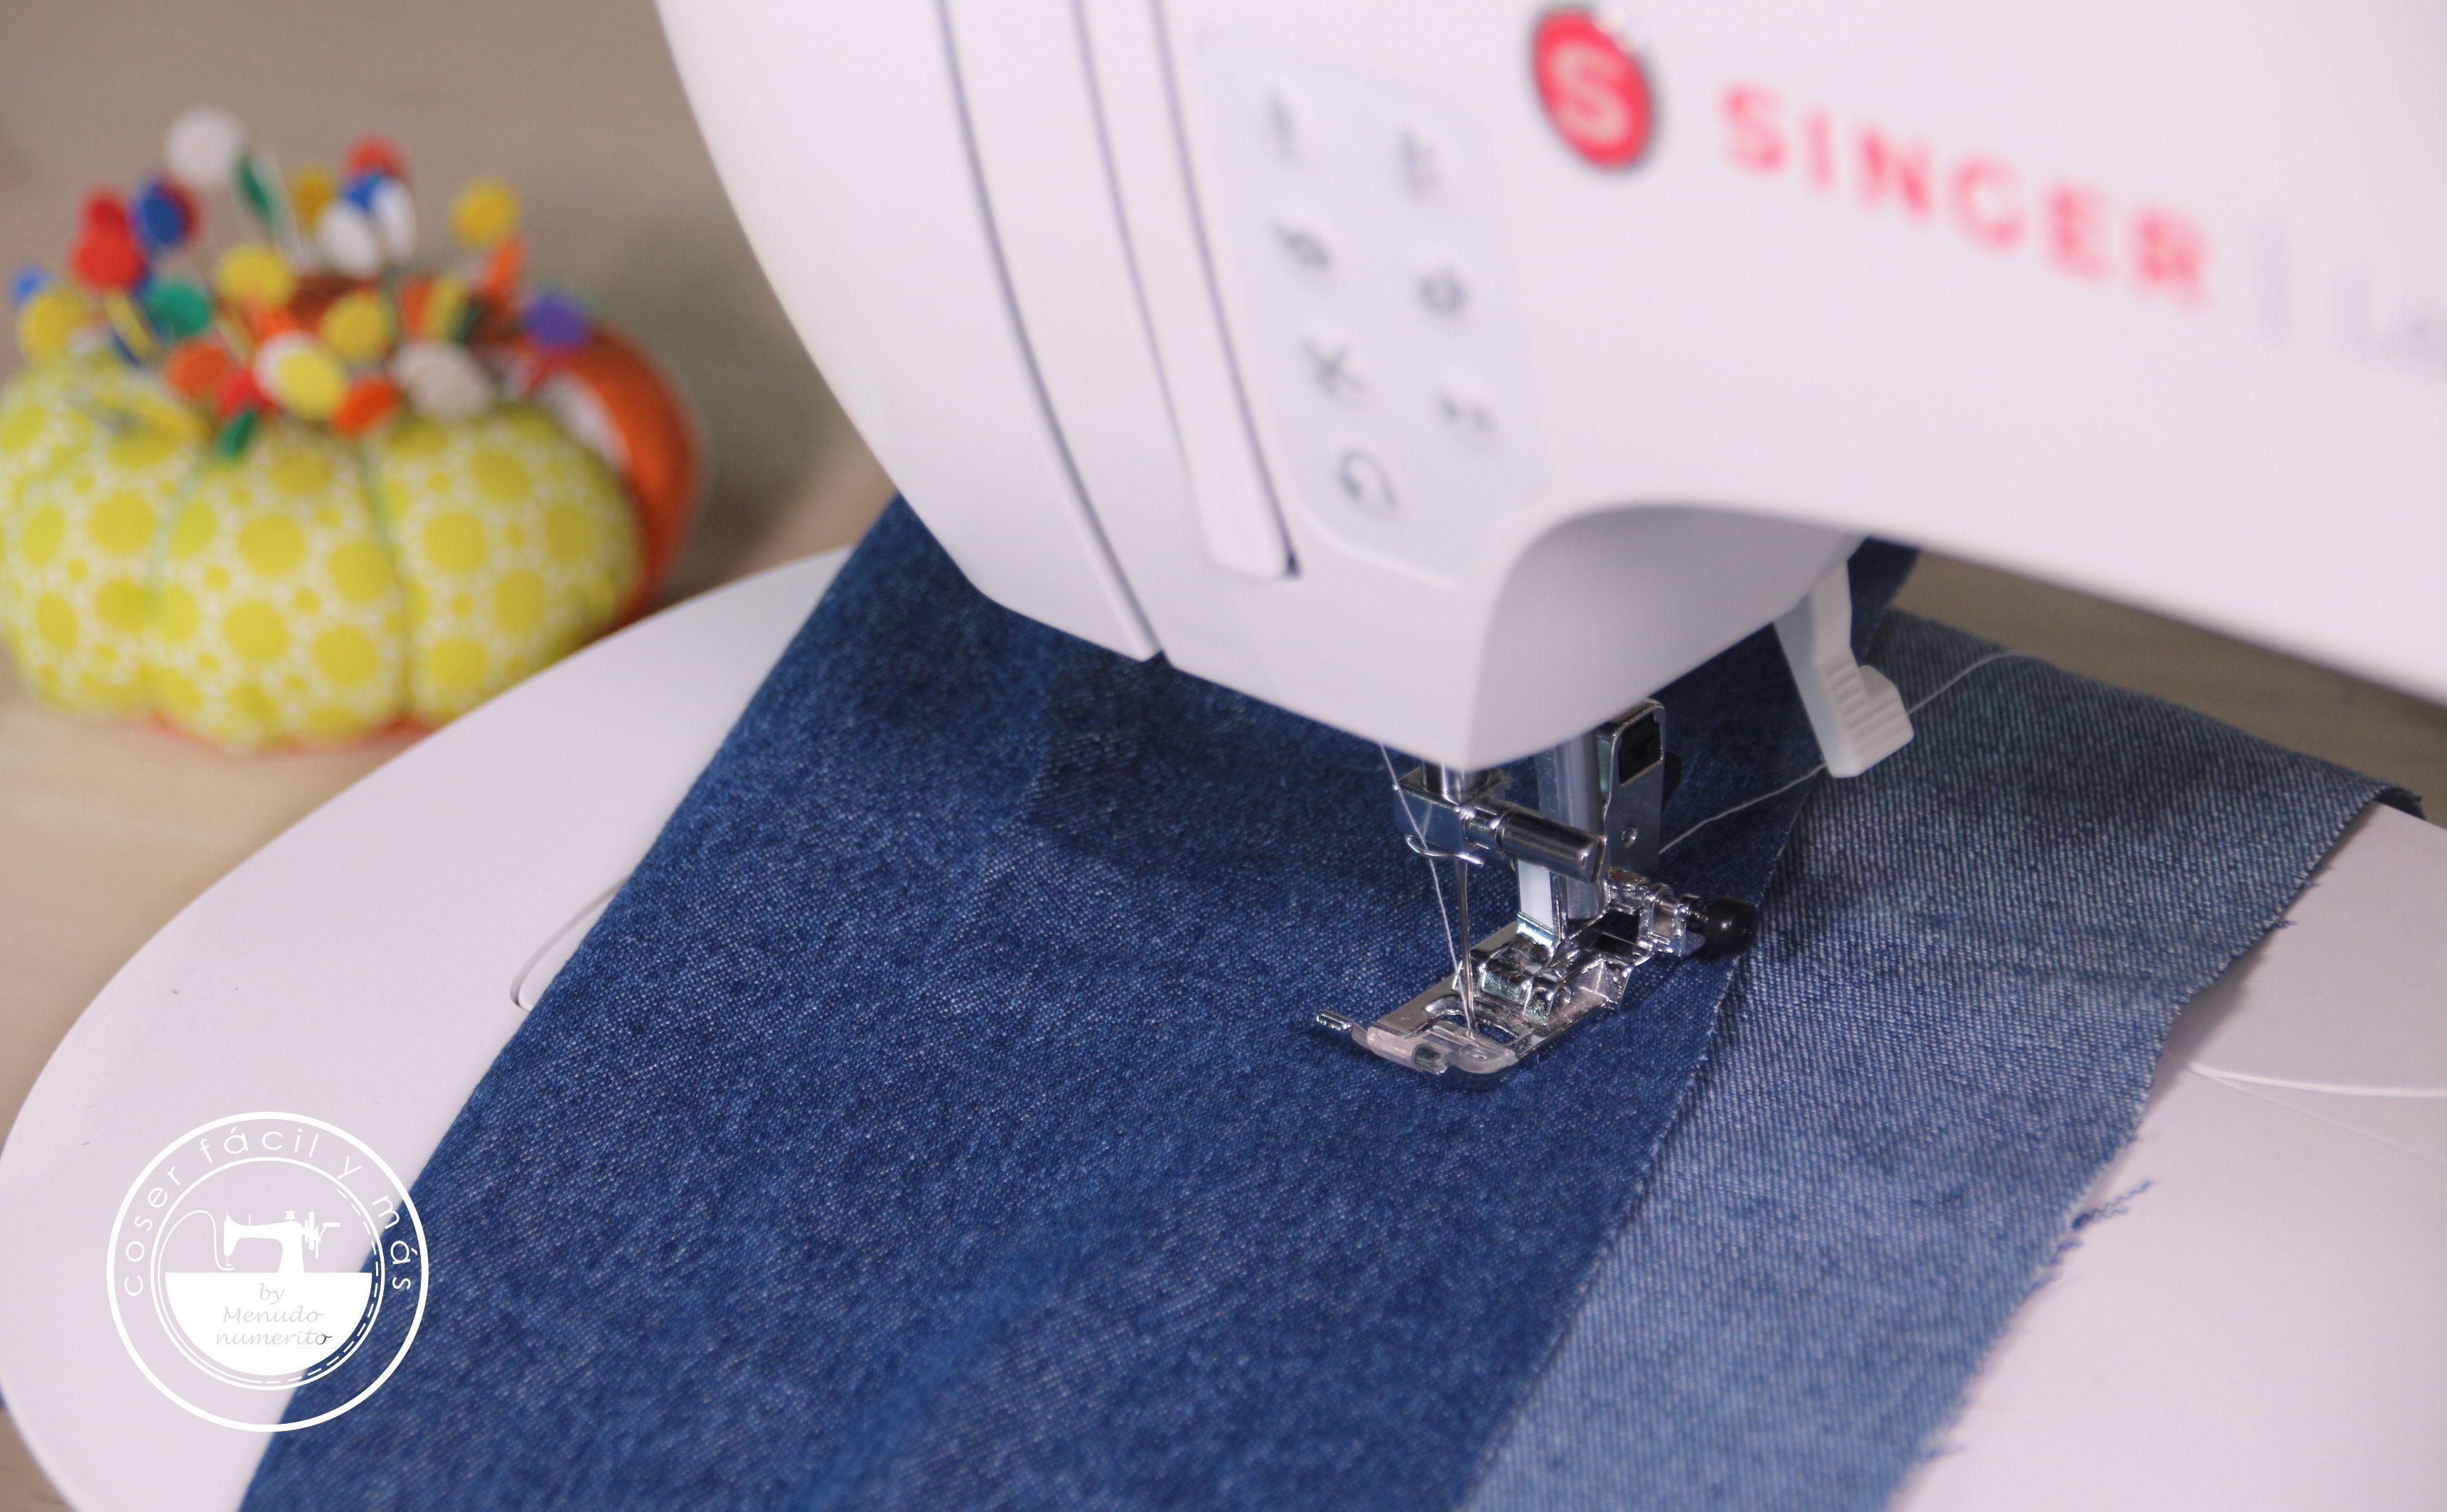 coser denim blogs de costura menudo numerito